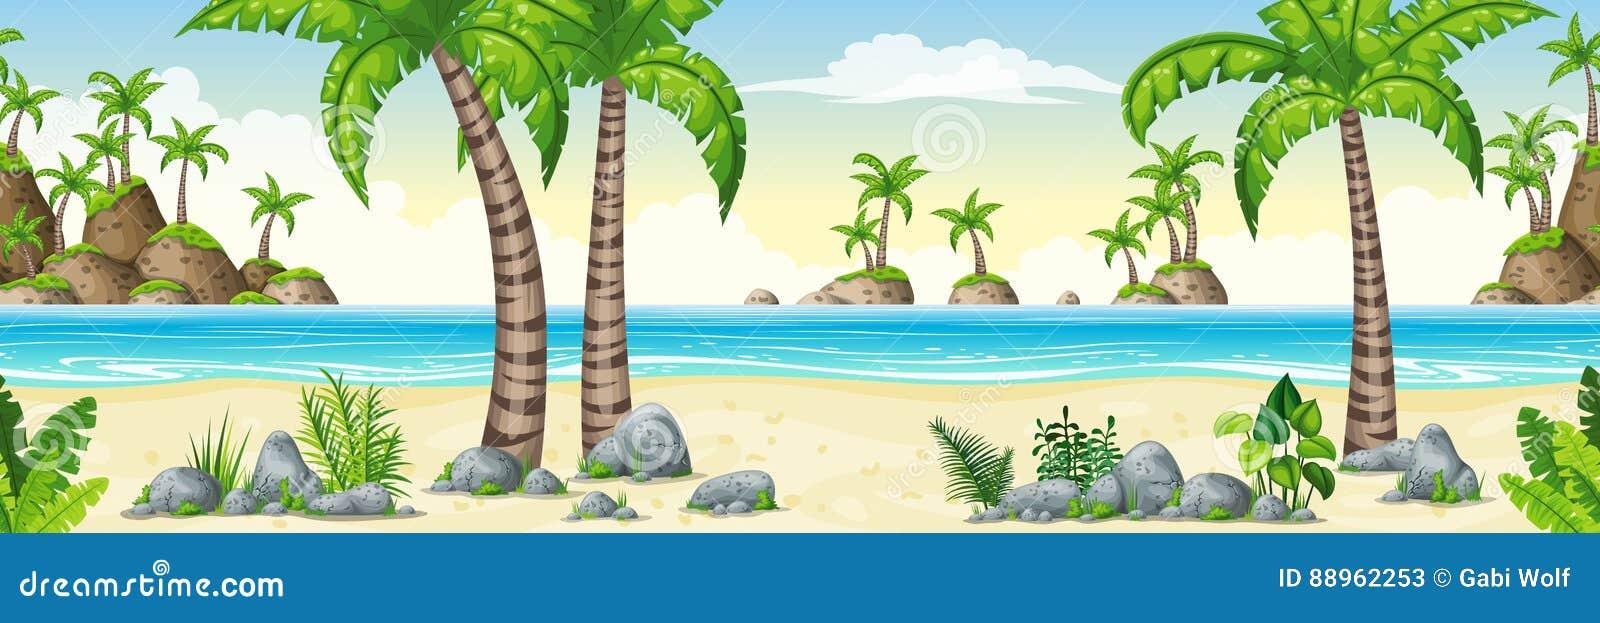 Illustration av ett tropiskt kust- landskap